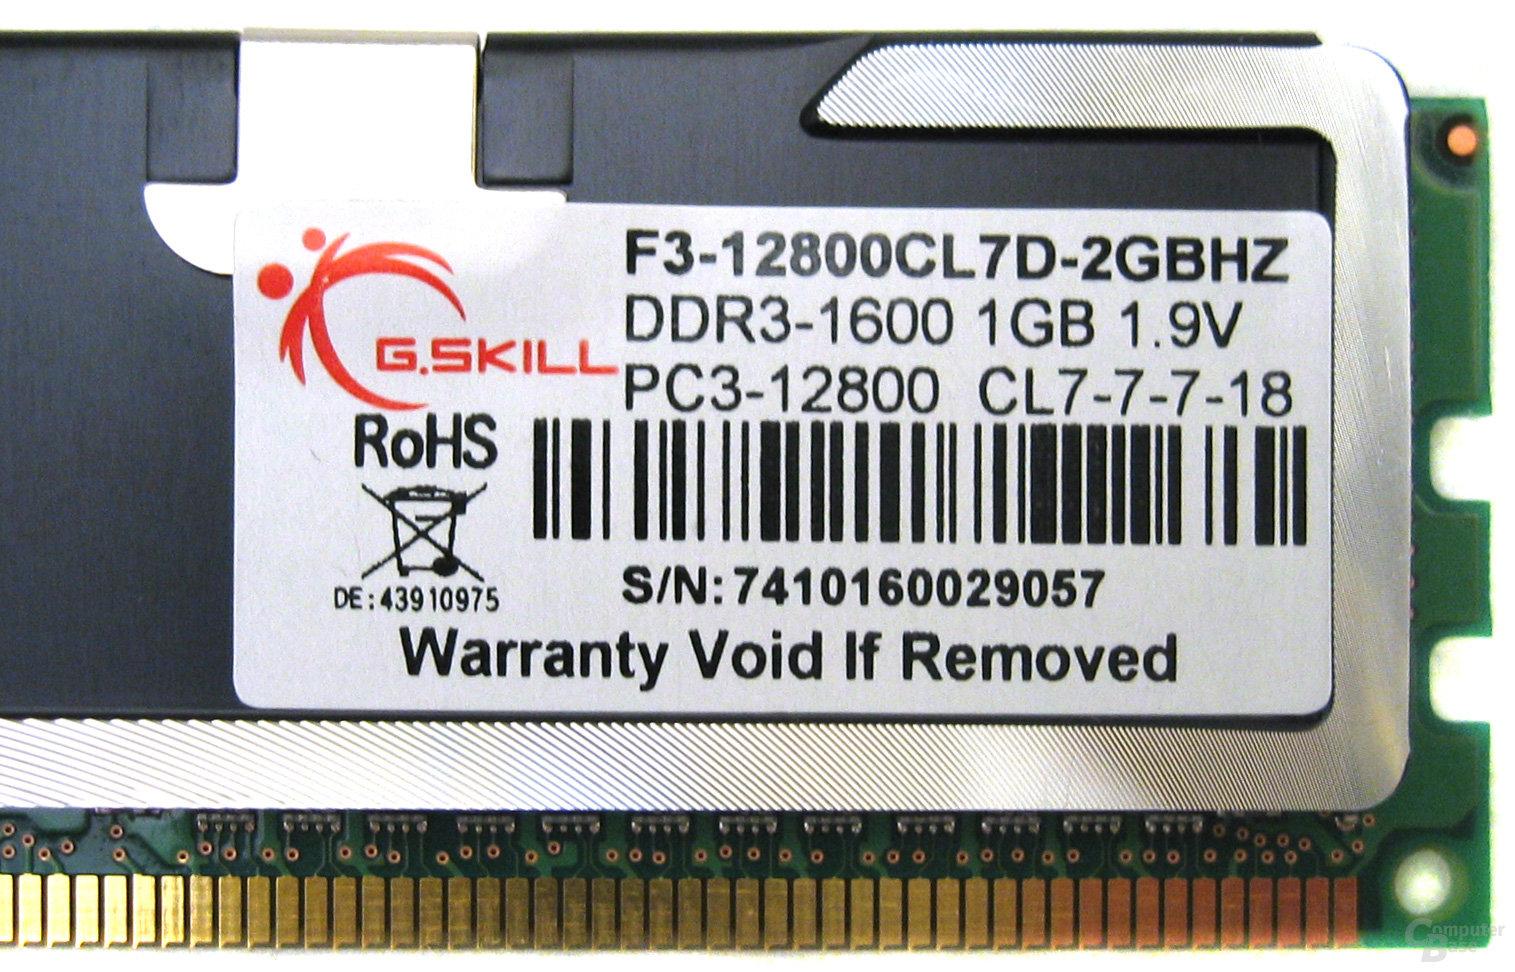 G.Skill DDR3-1600